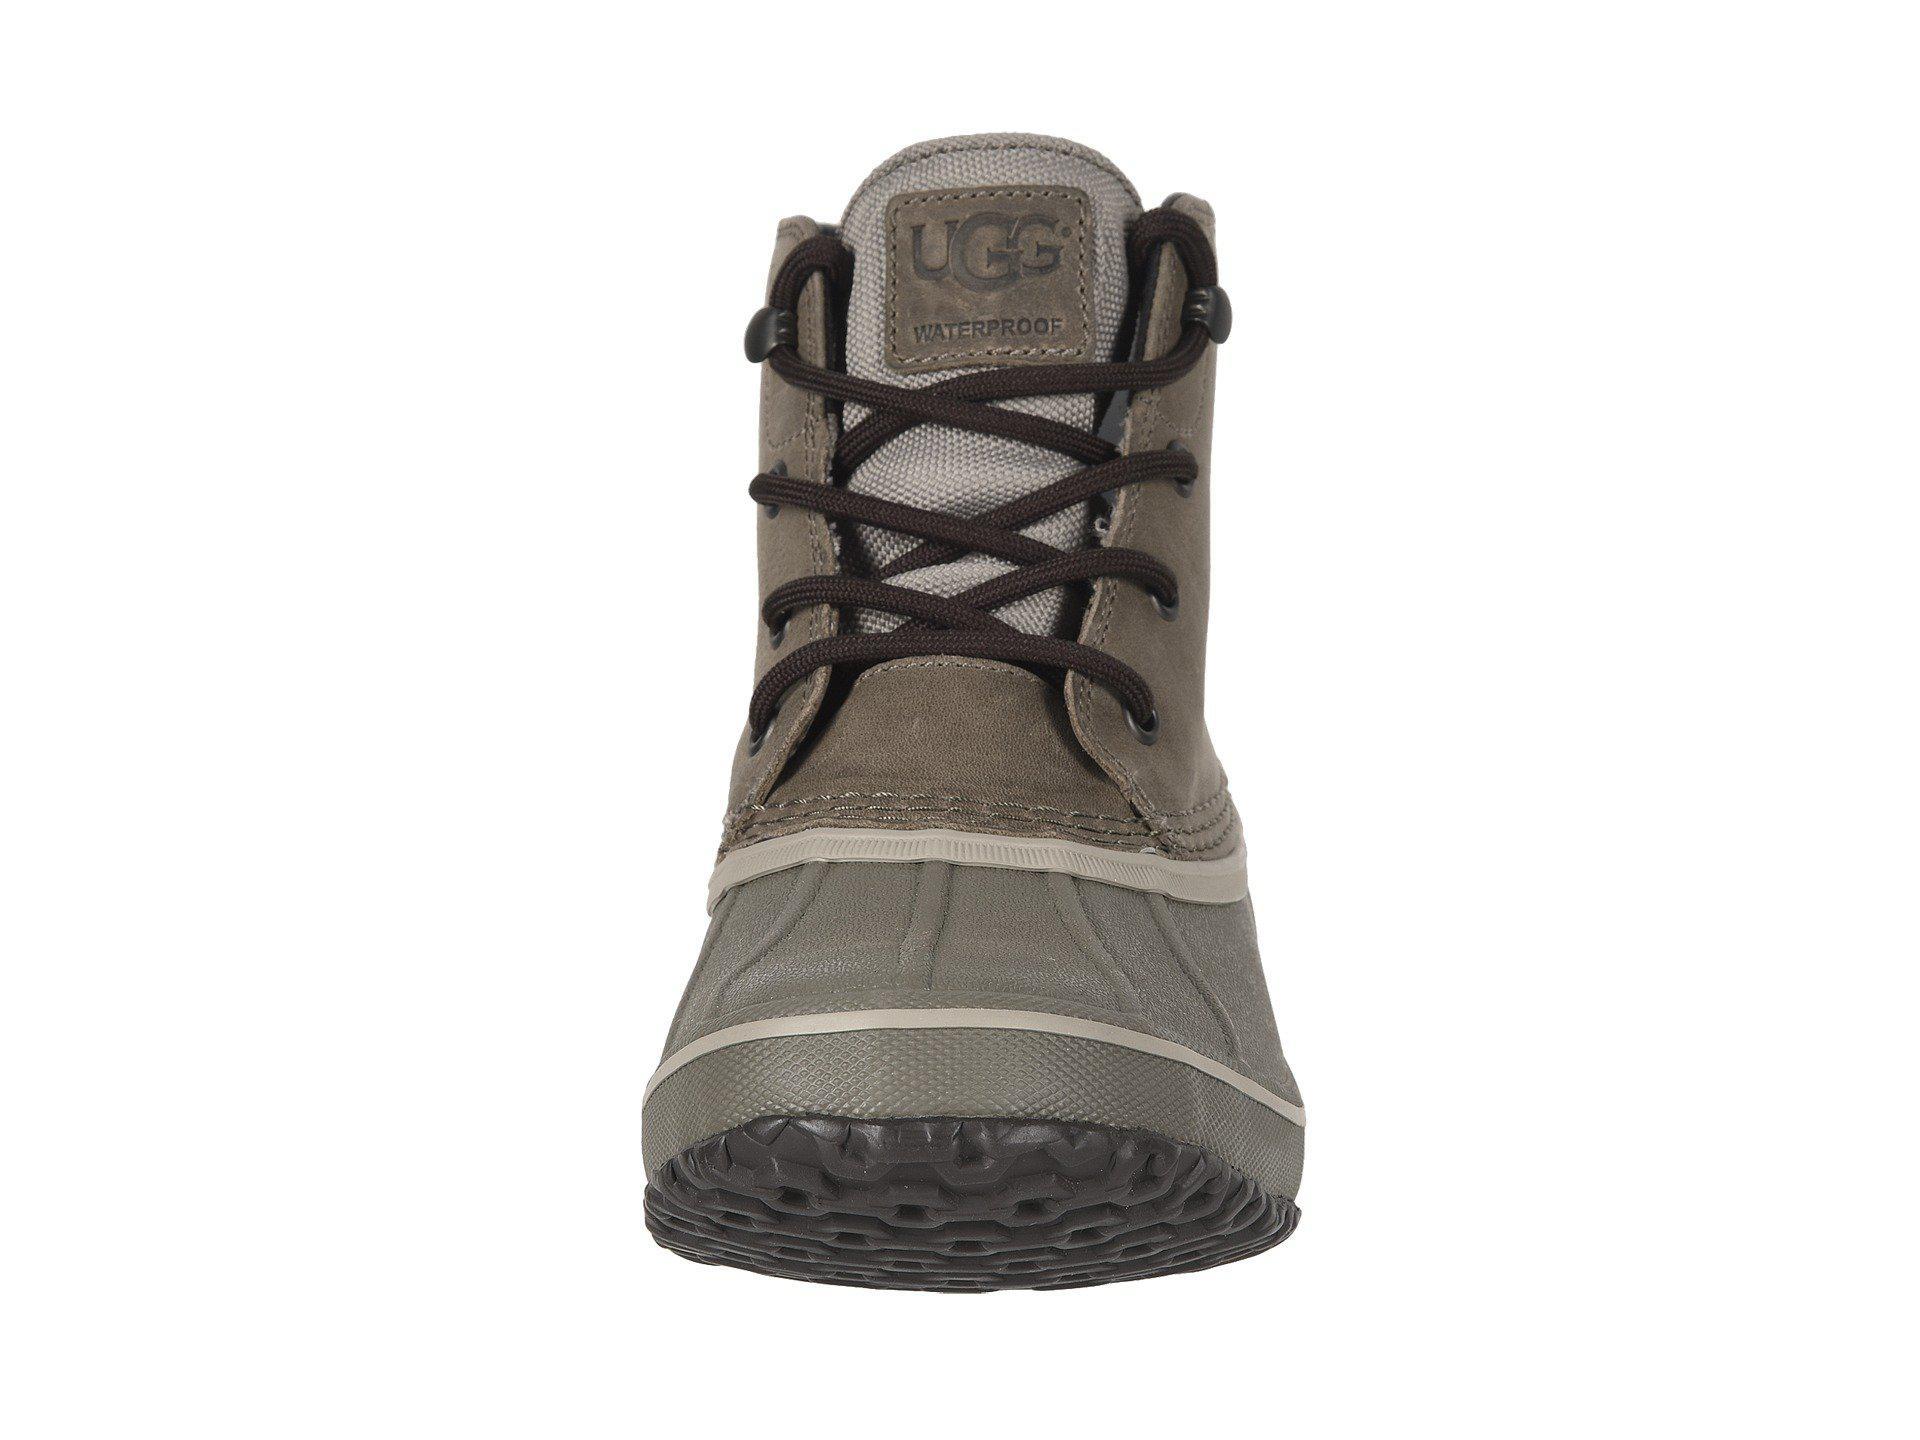 4af87c603c5 Lyst - UGG Zetik Waterproof (chestnut) Men's Shoes in Black for Men